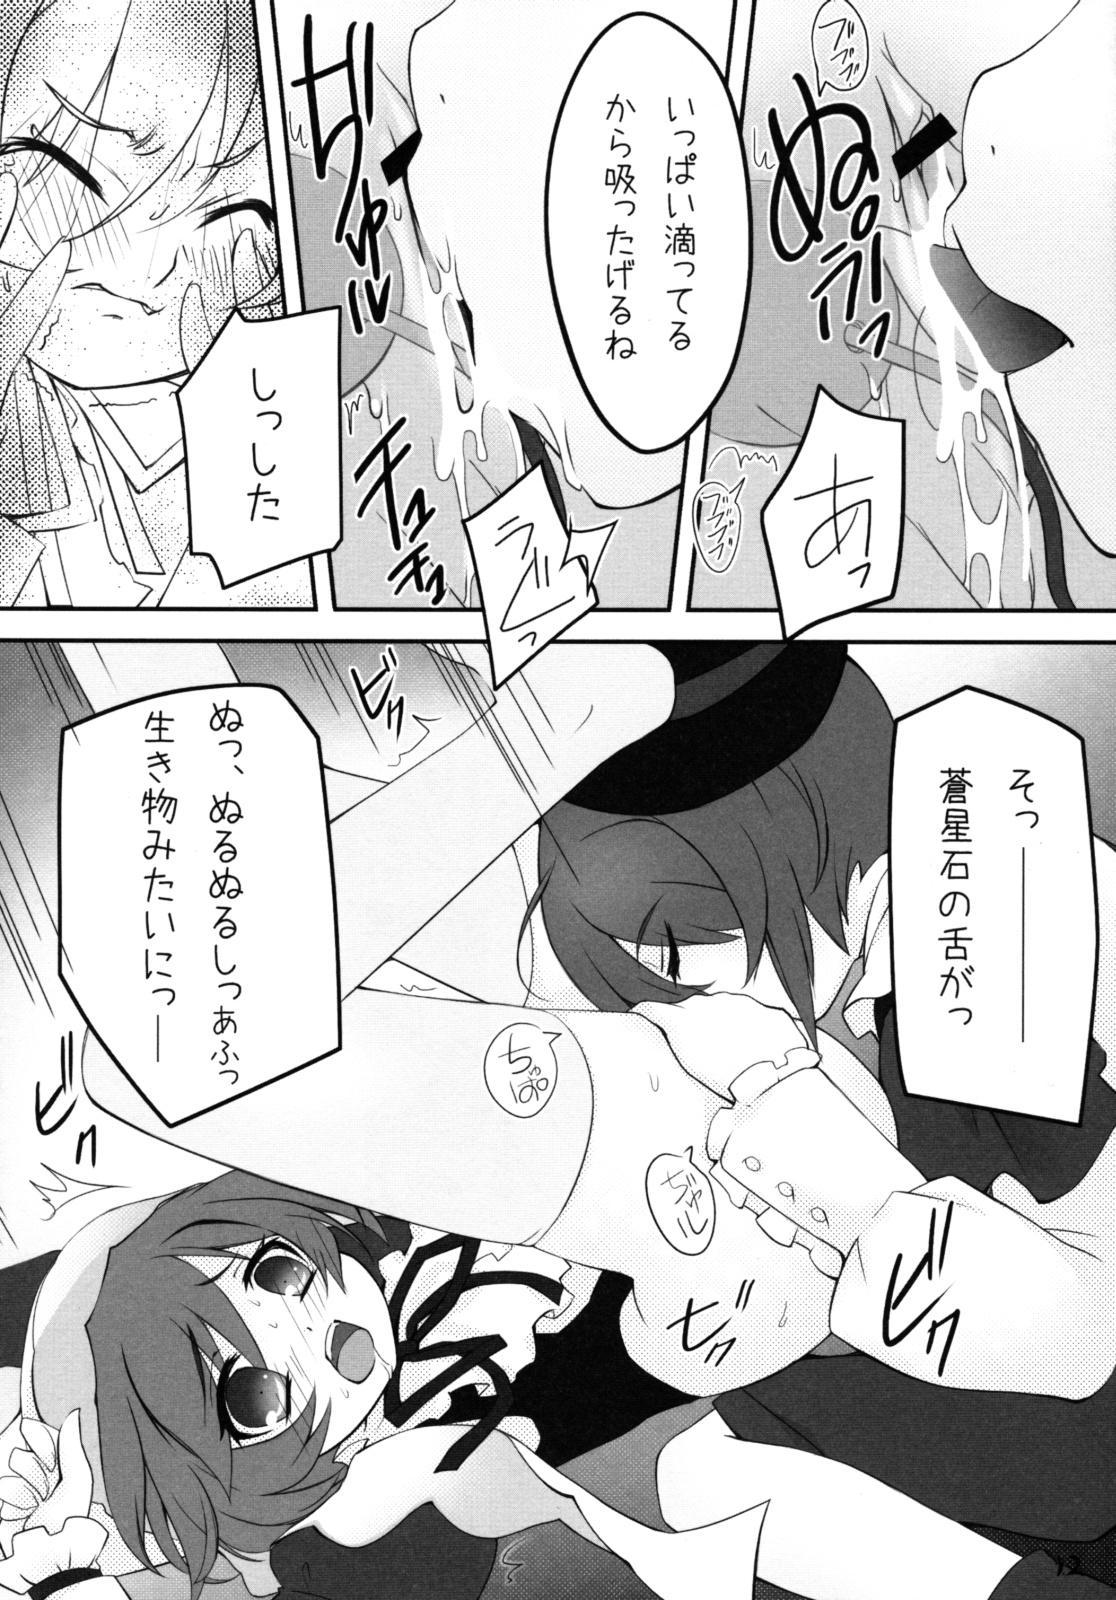 Shimai de NyanNyan 10